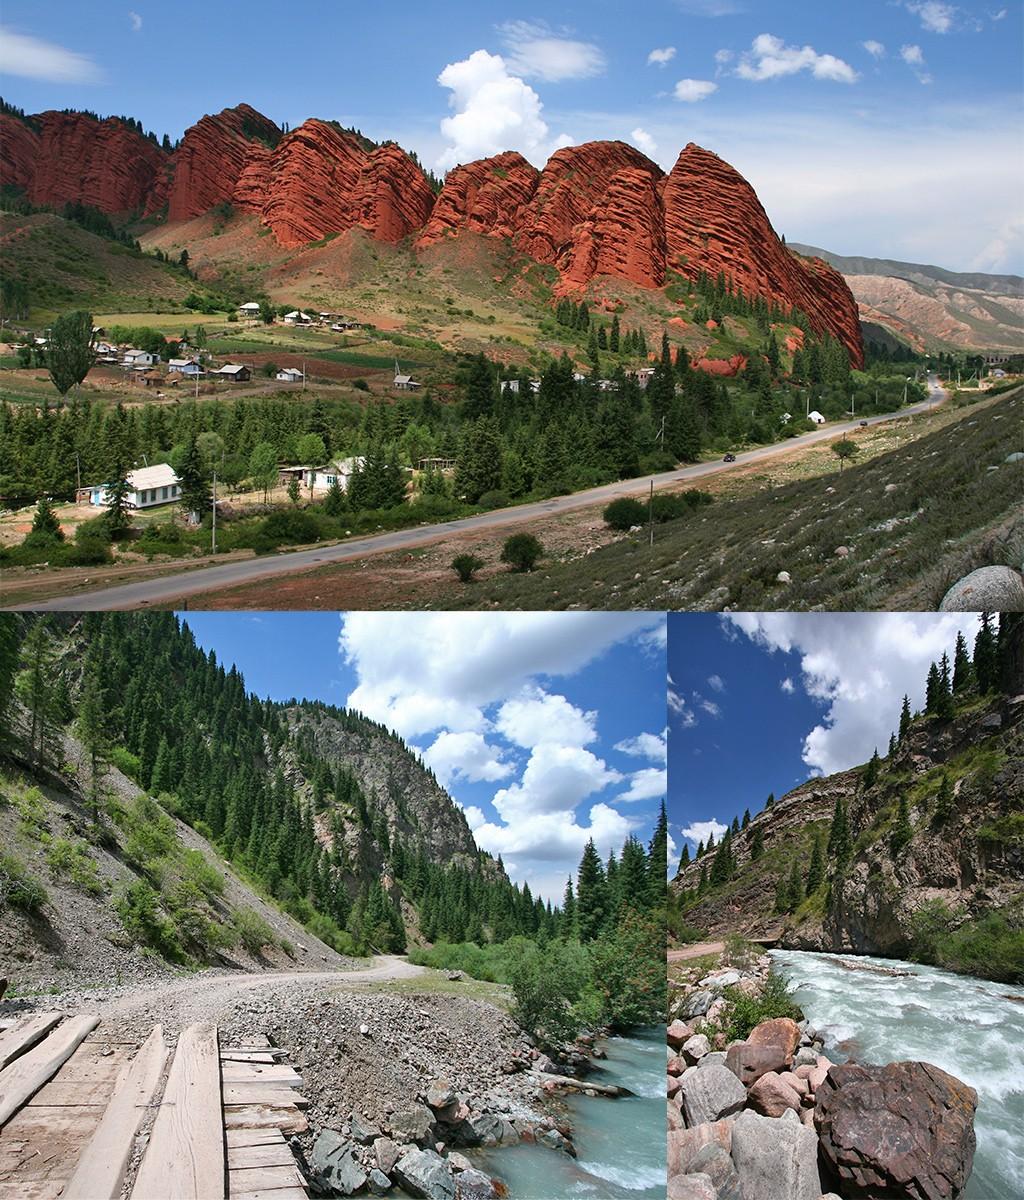 Jeti-Ogüz Kirgizië